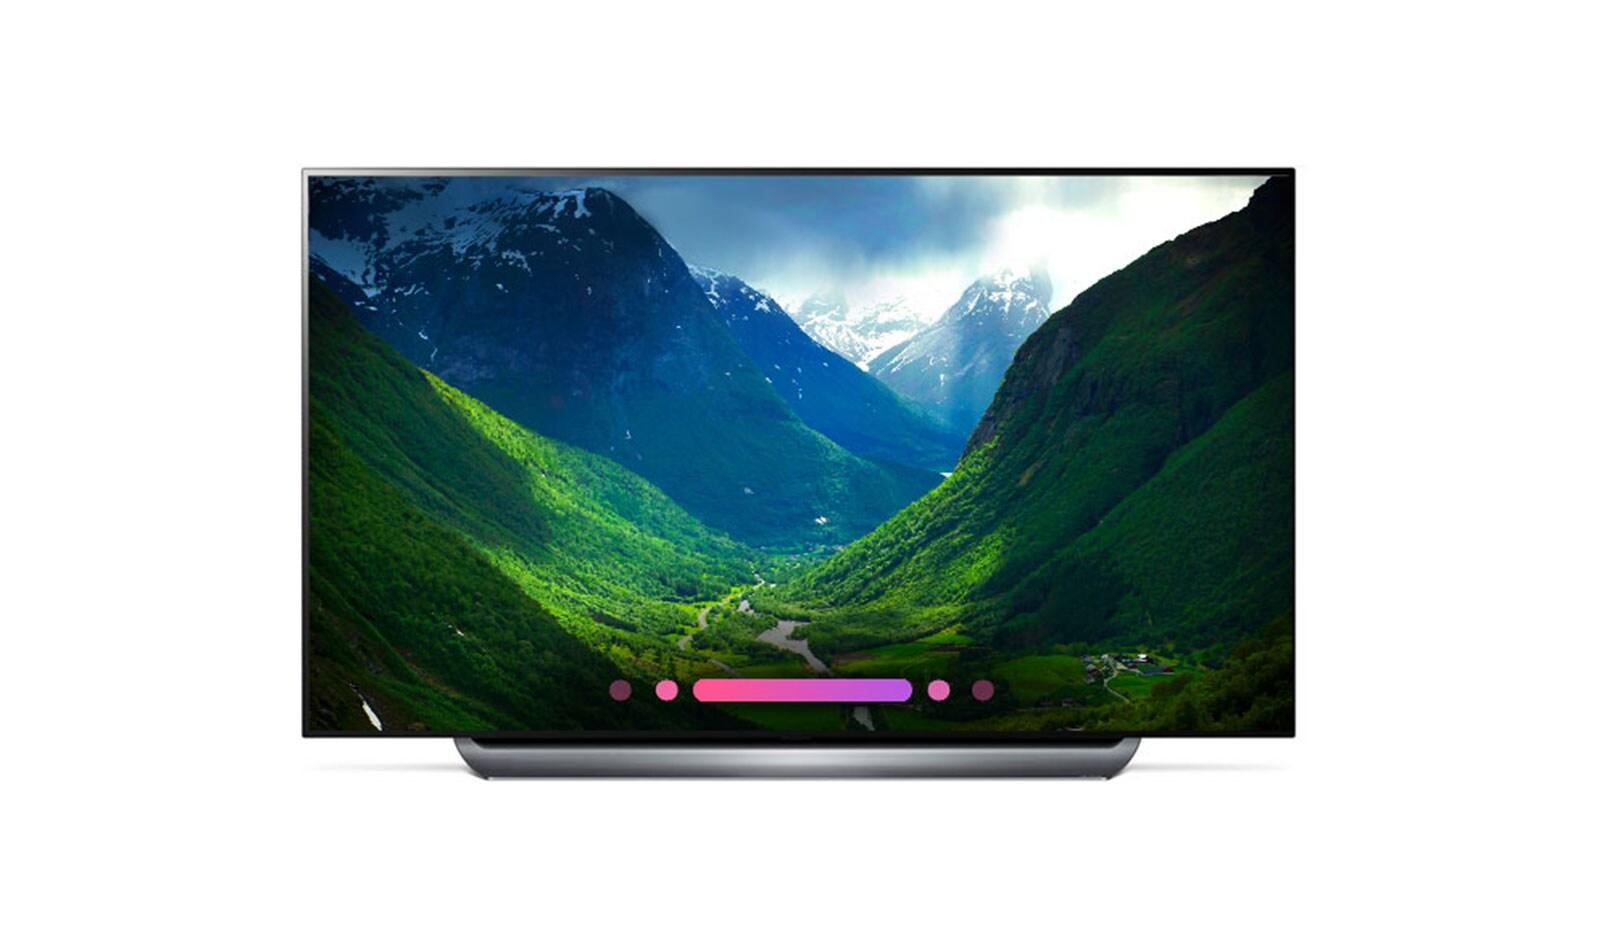 LG OLED65C8PUA: Save Up To $300.00 On The LG OLED65C8PUA Today   LG USA